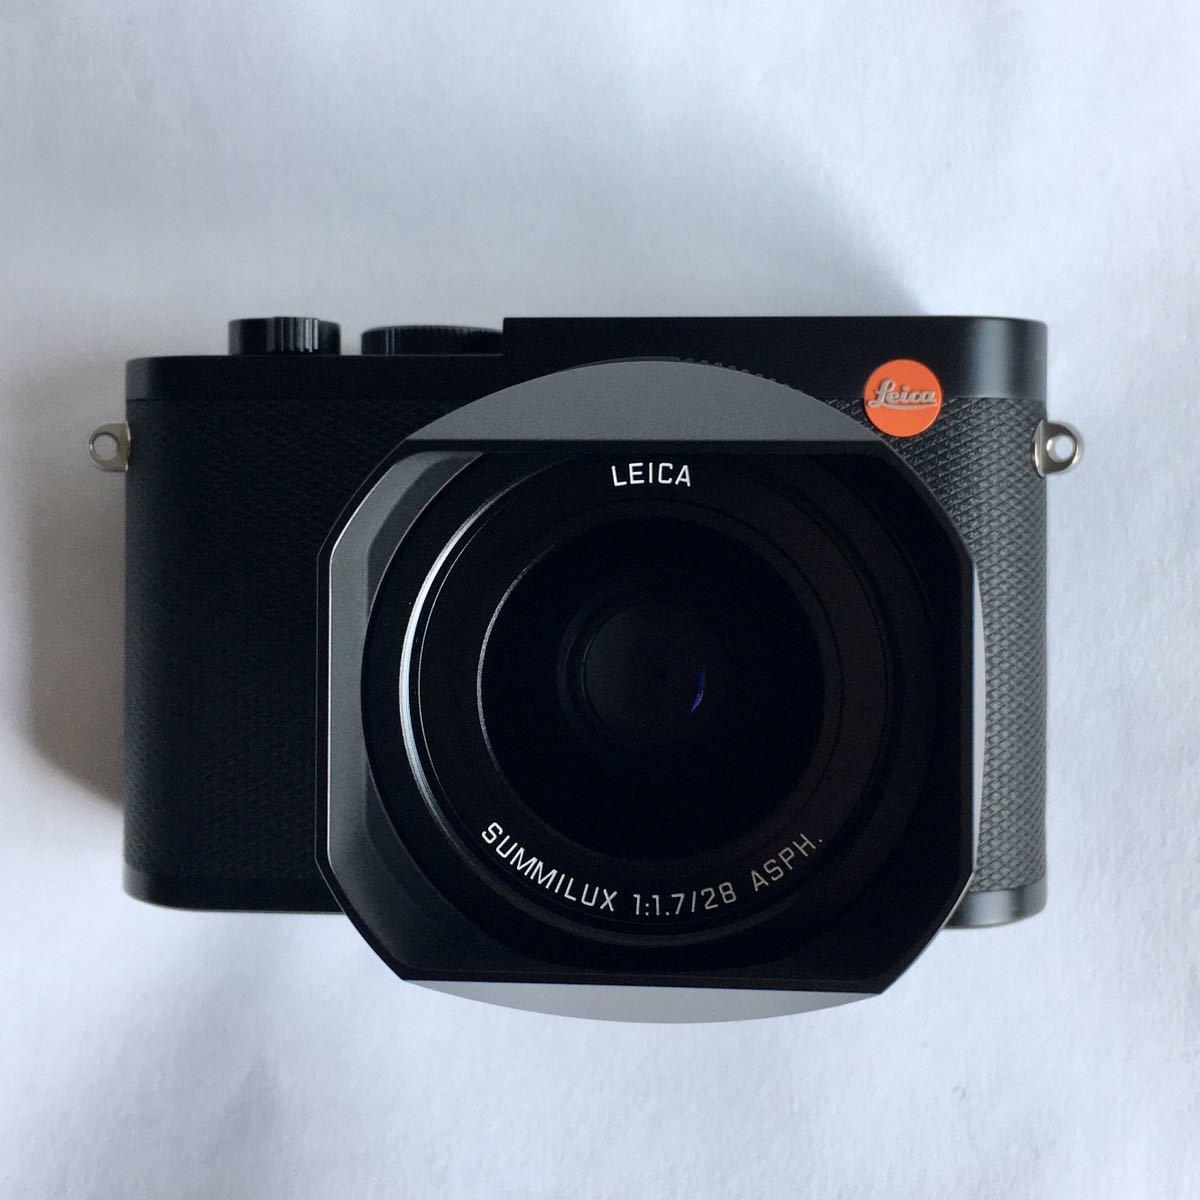 新品 ライカLeica Q2 デジタルカメラ レンズ ズミルックス f1.7/28mm ASPH. LEICA 元箱付き